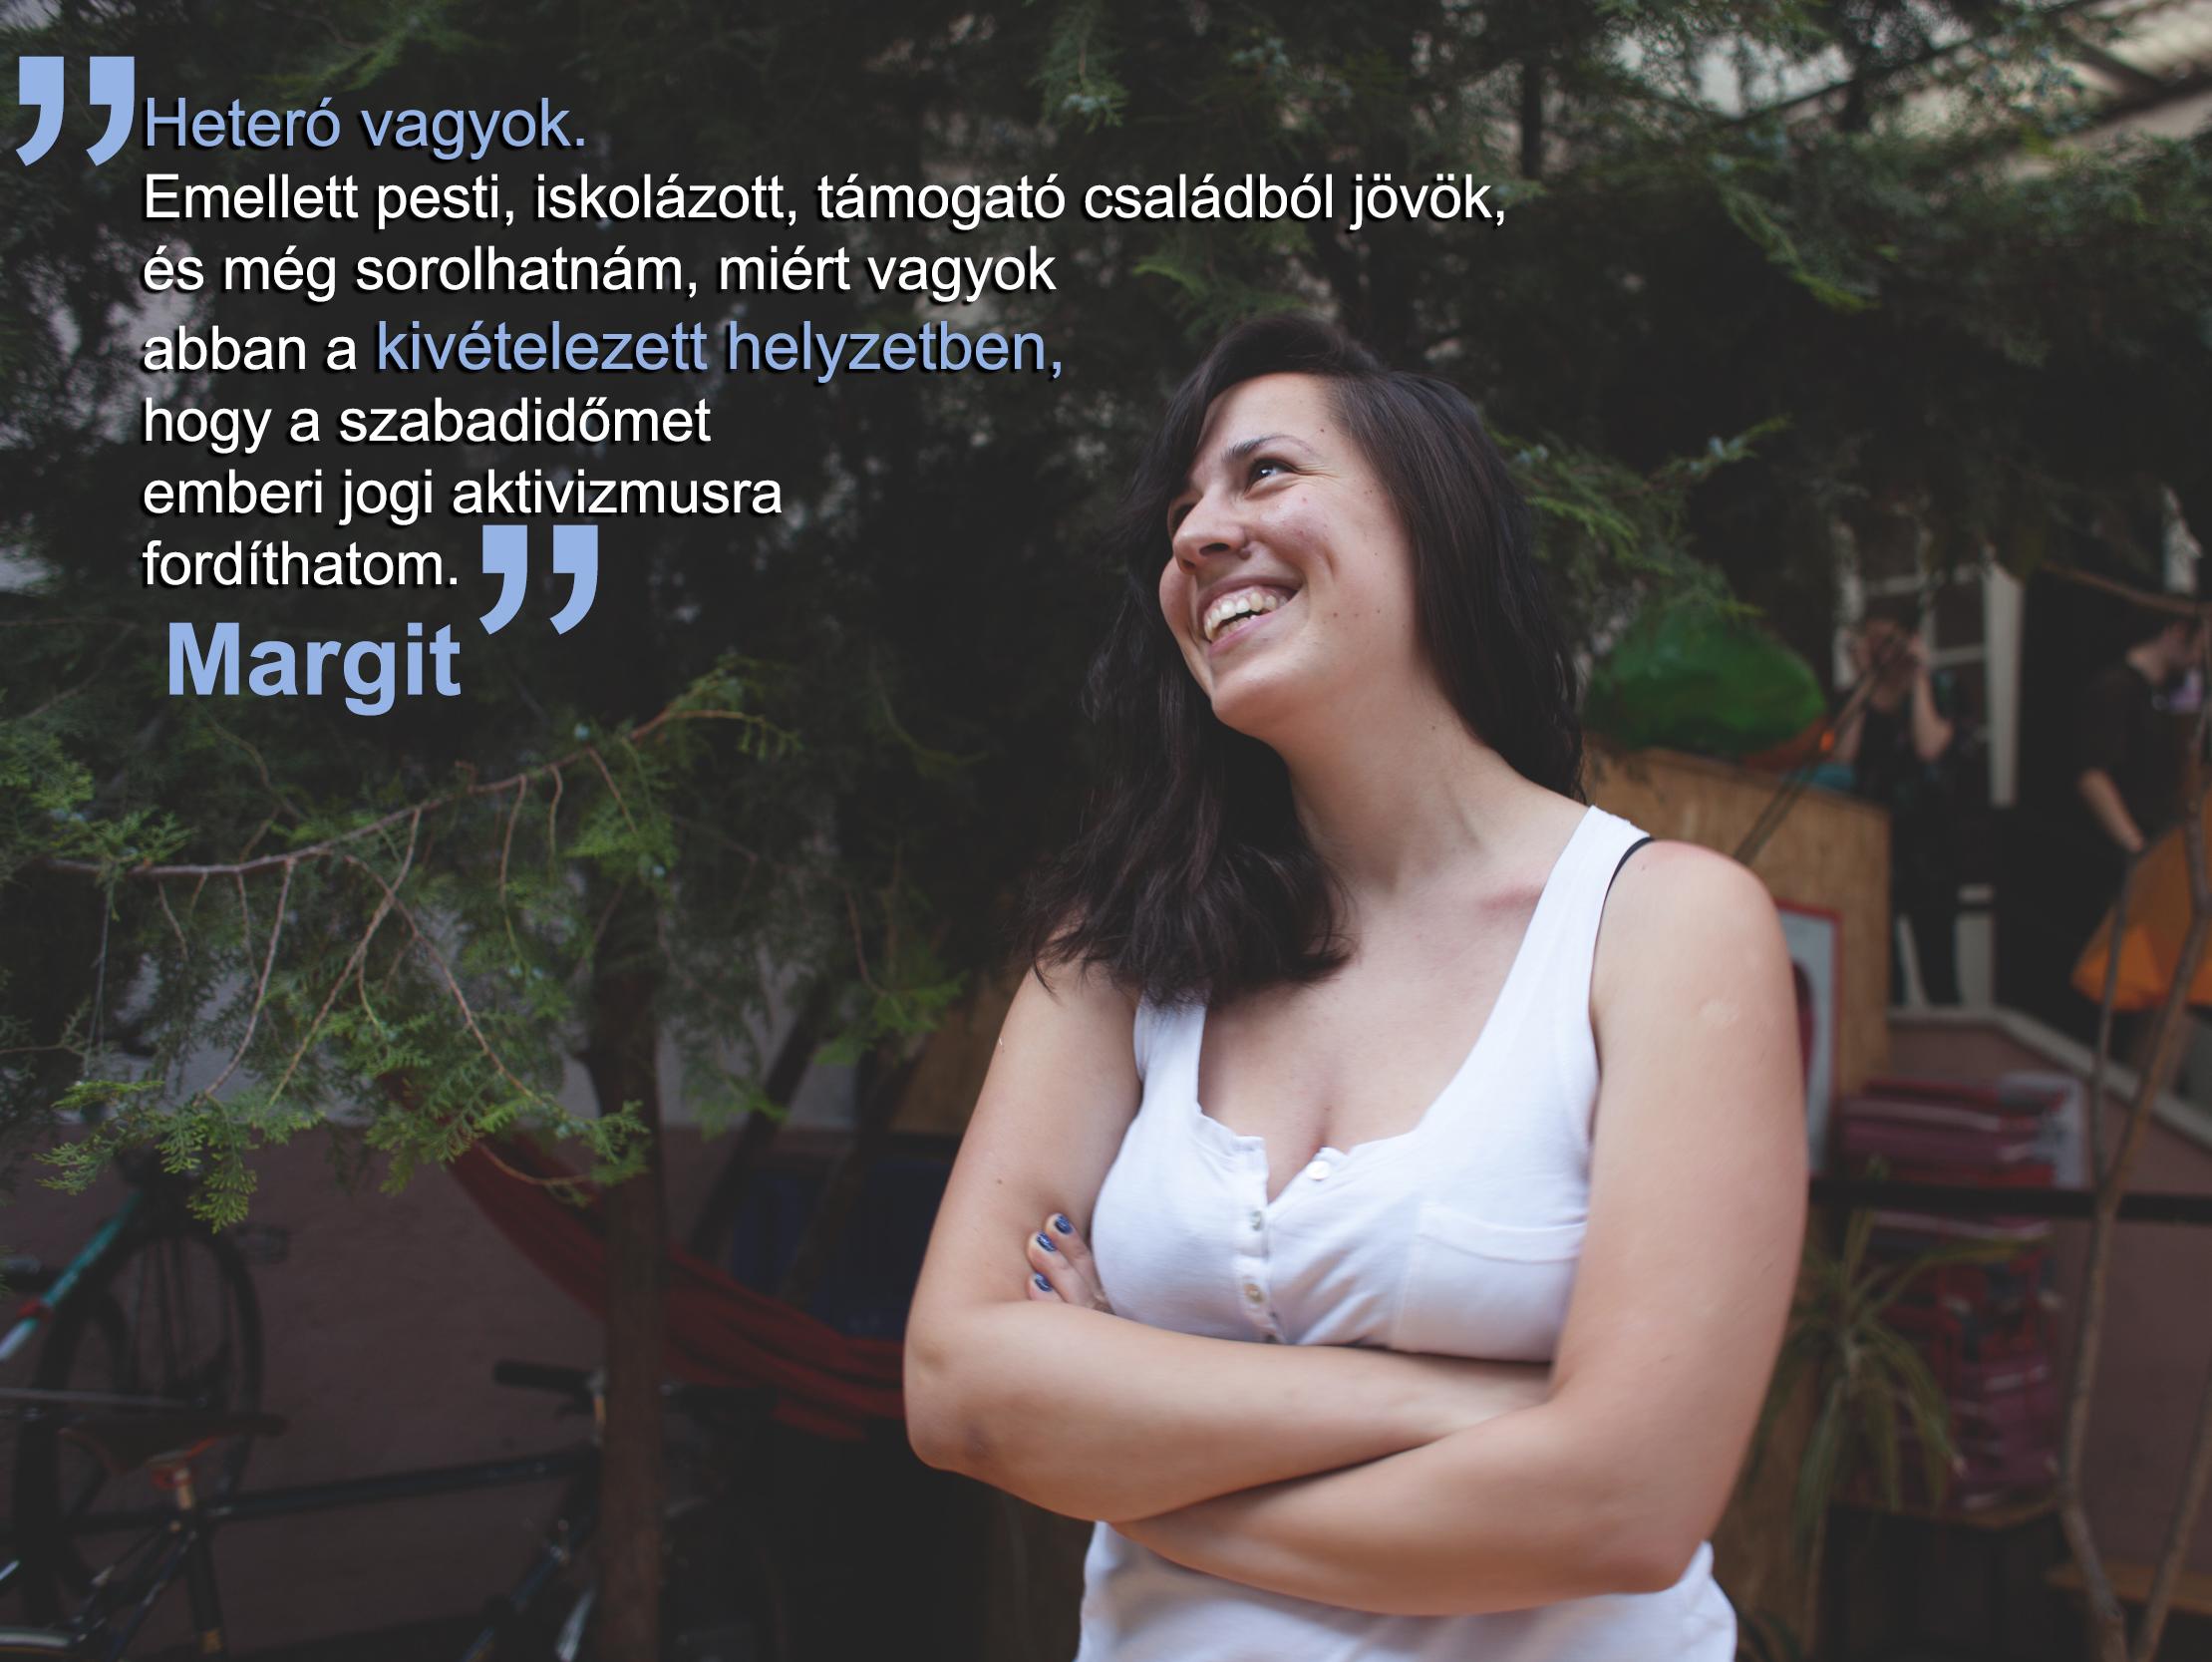 margit.jpg